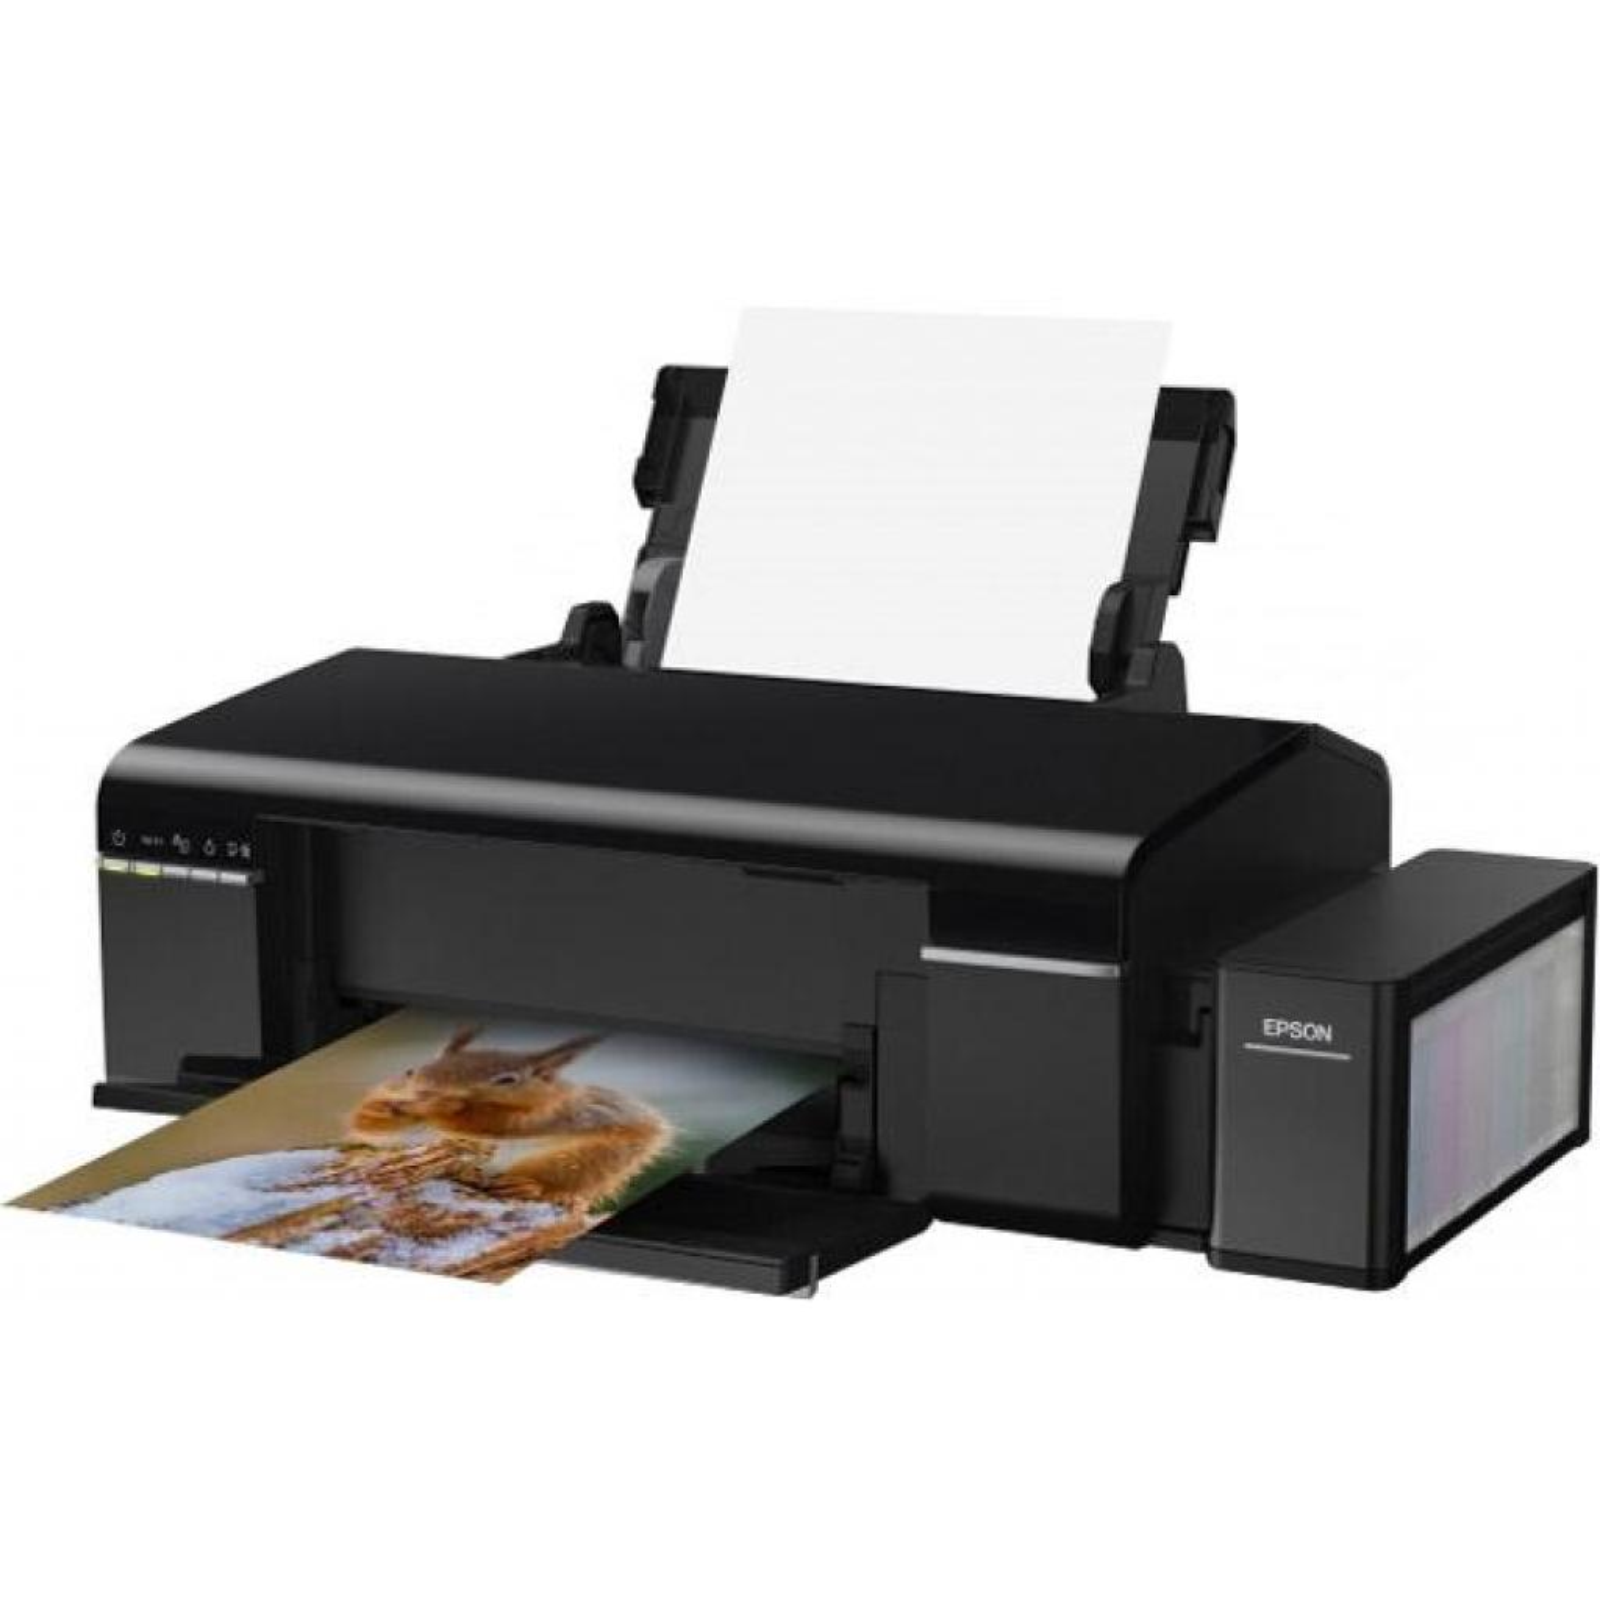 Струйный принтер Epson L805 (C11CE86403)